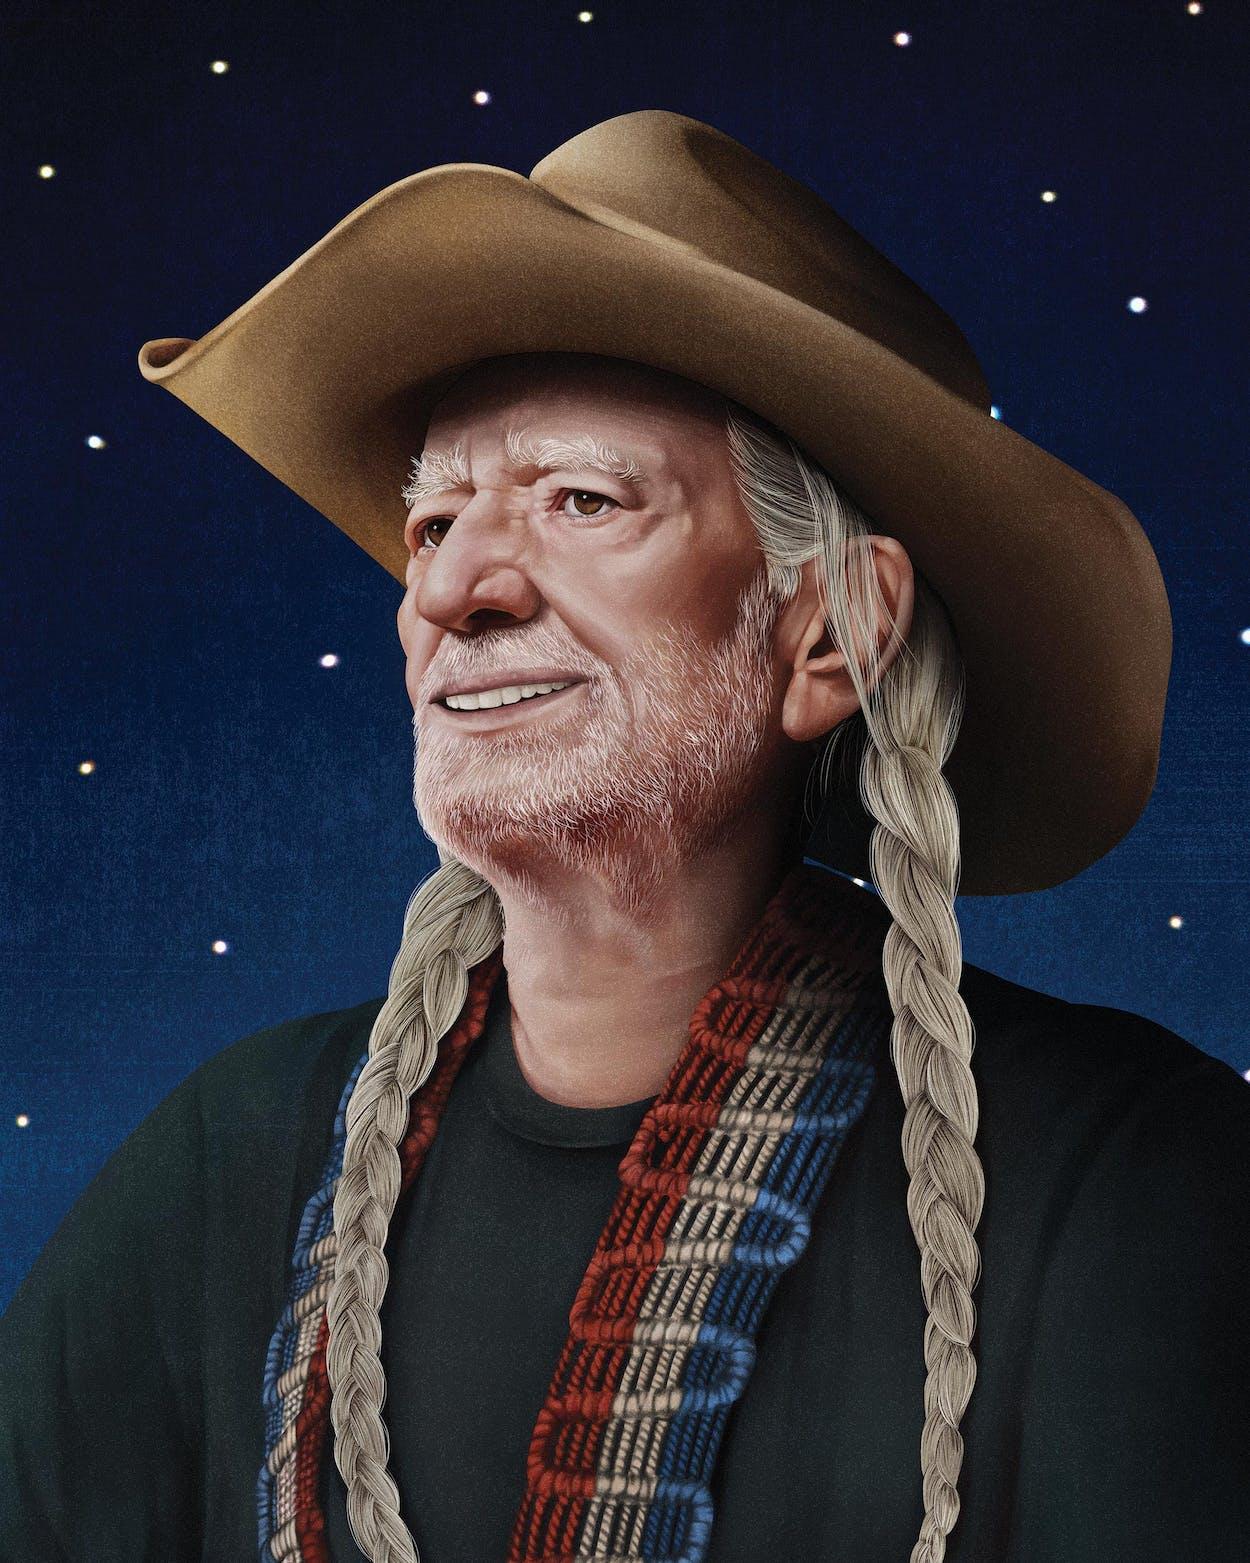 Willie Nelson vocalist